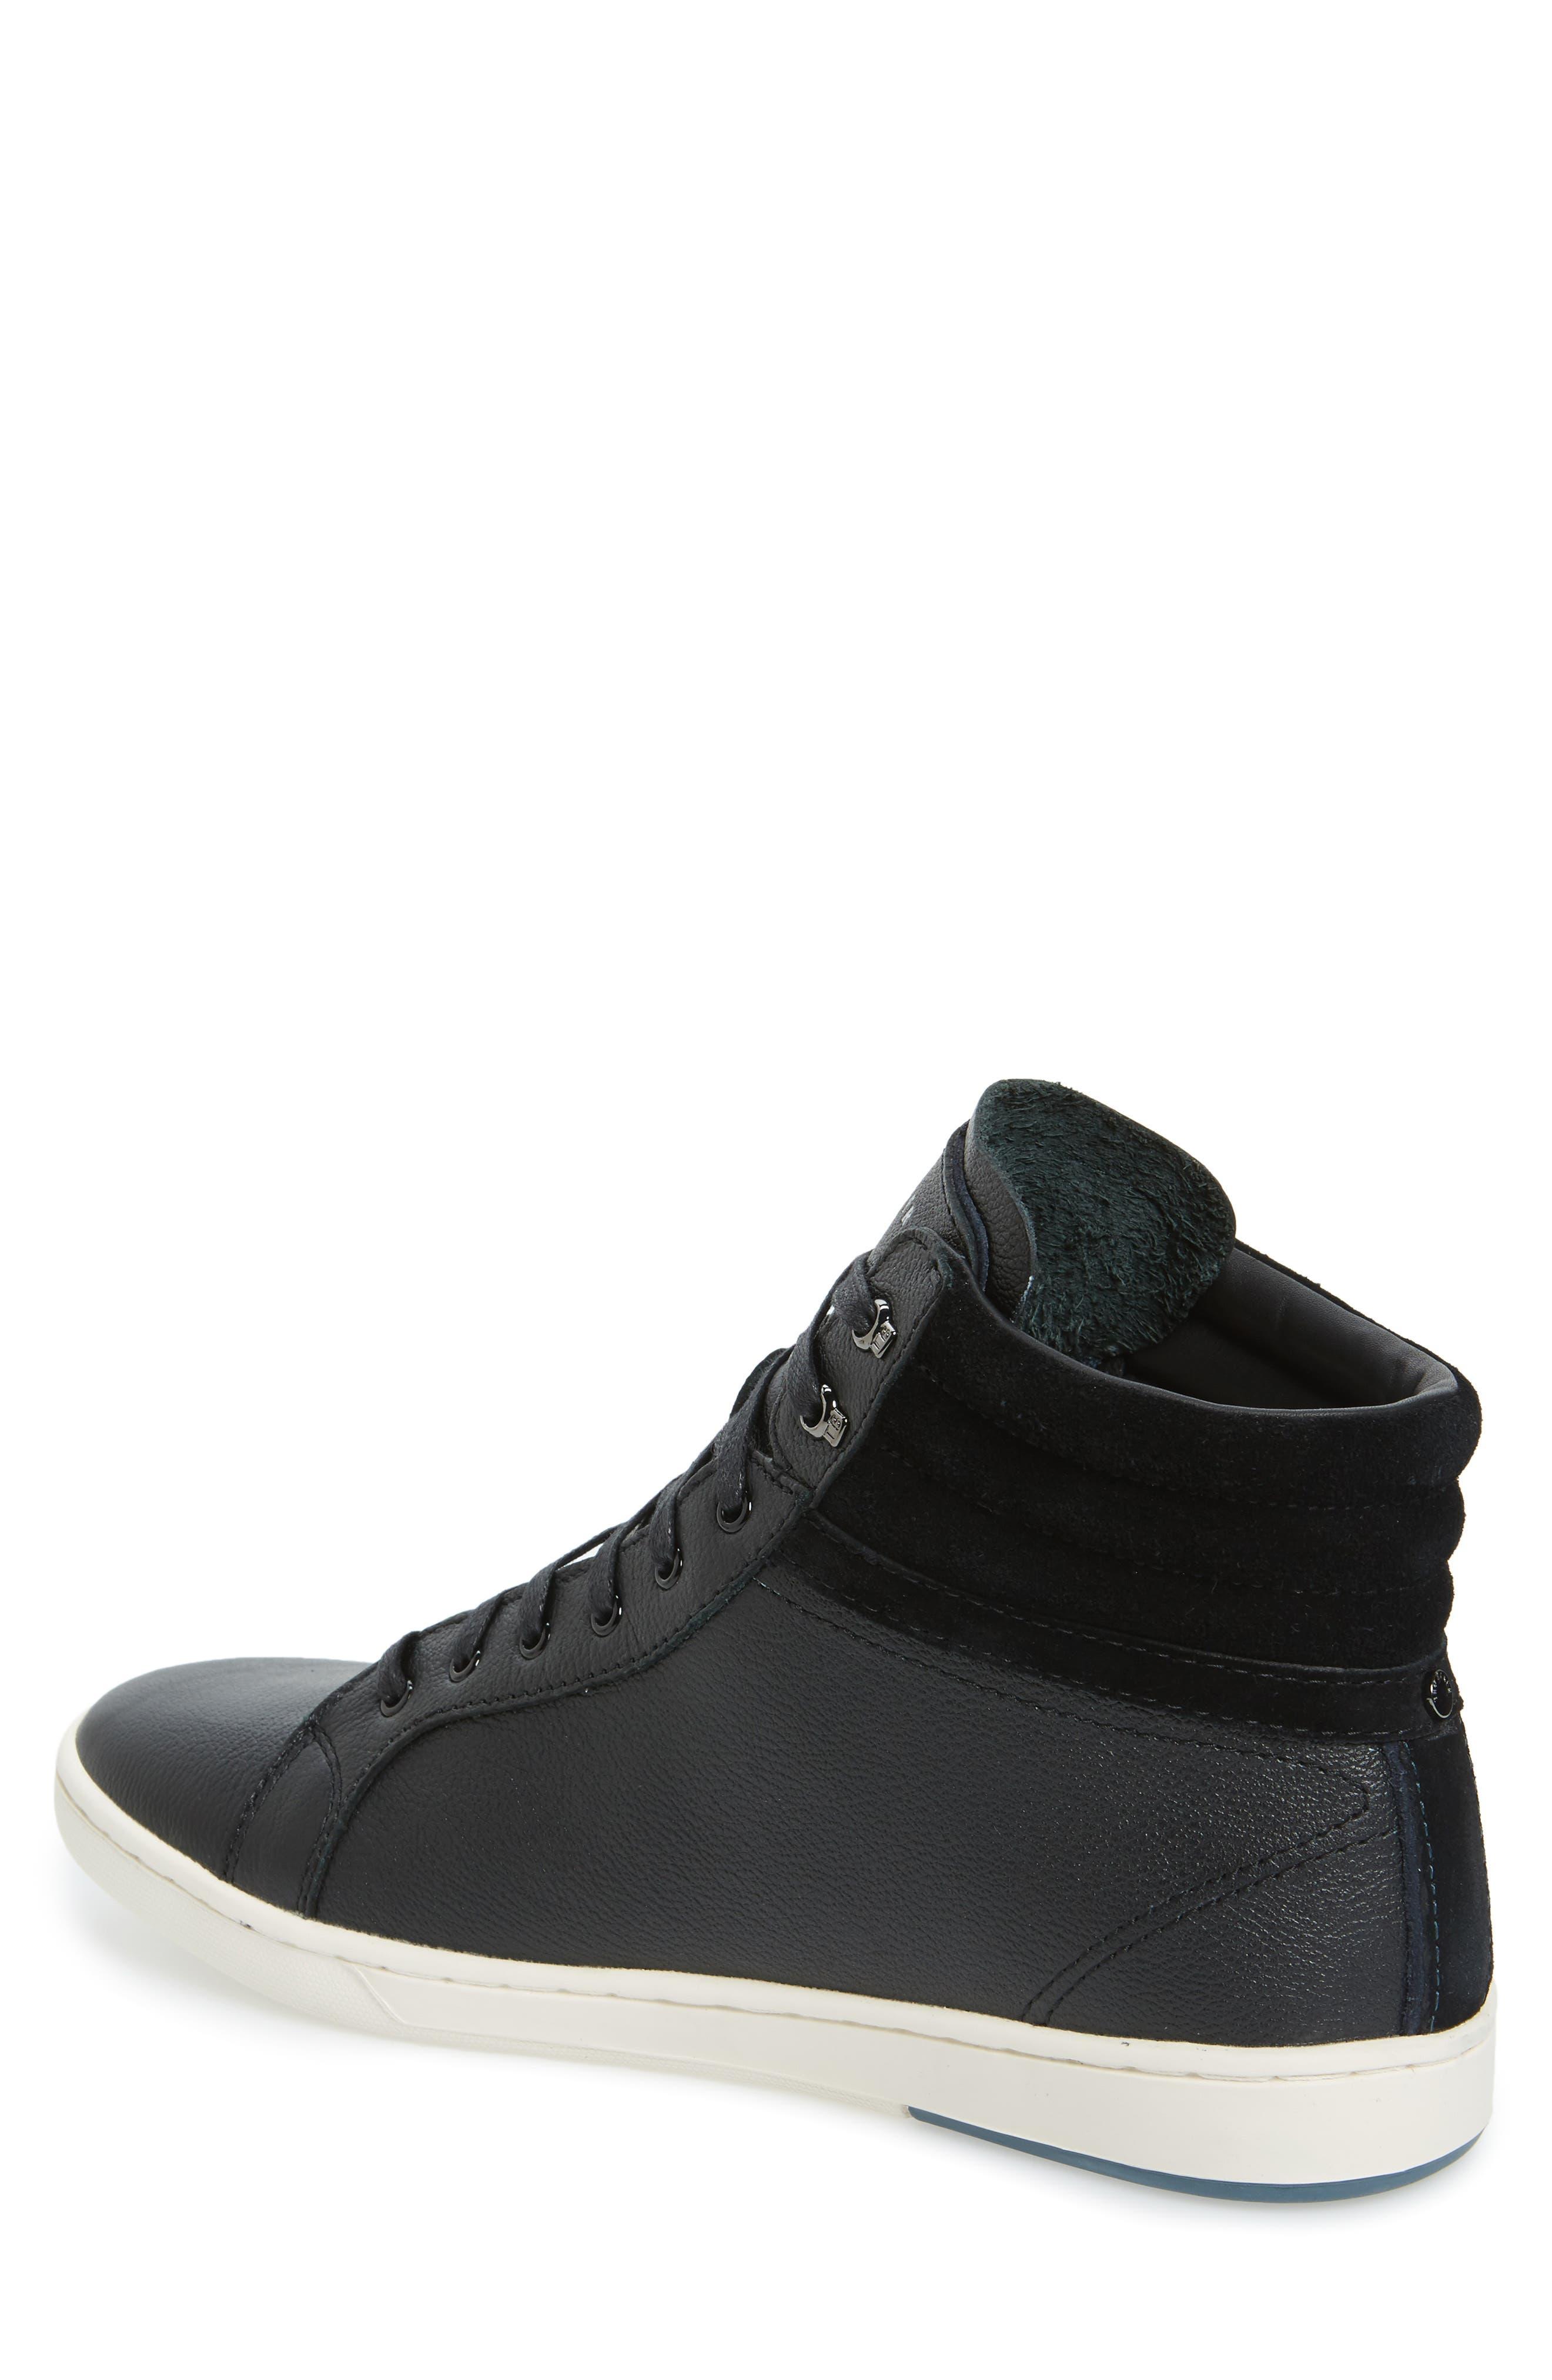 Mykka Sneaker,                             Alternate thumbnail 2, color,                             Black Leather